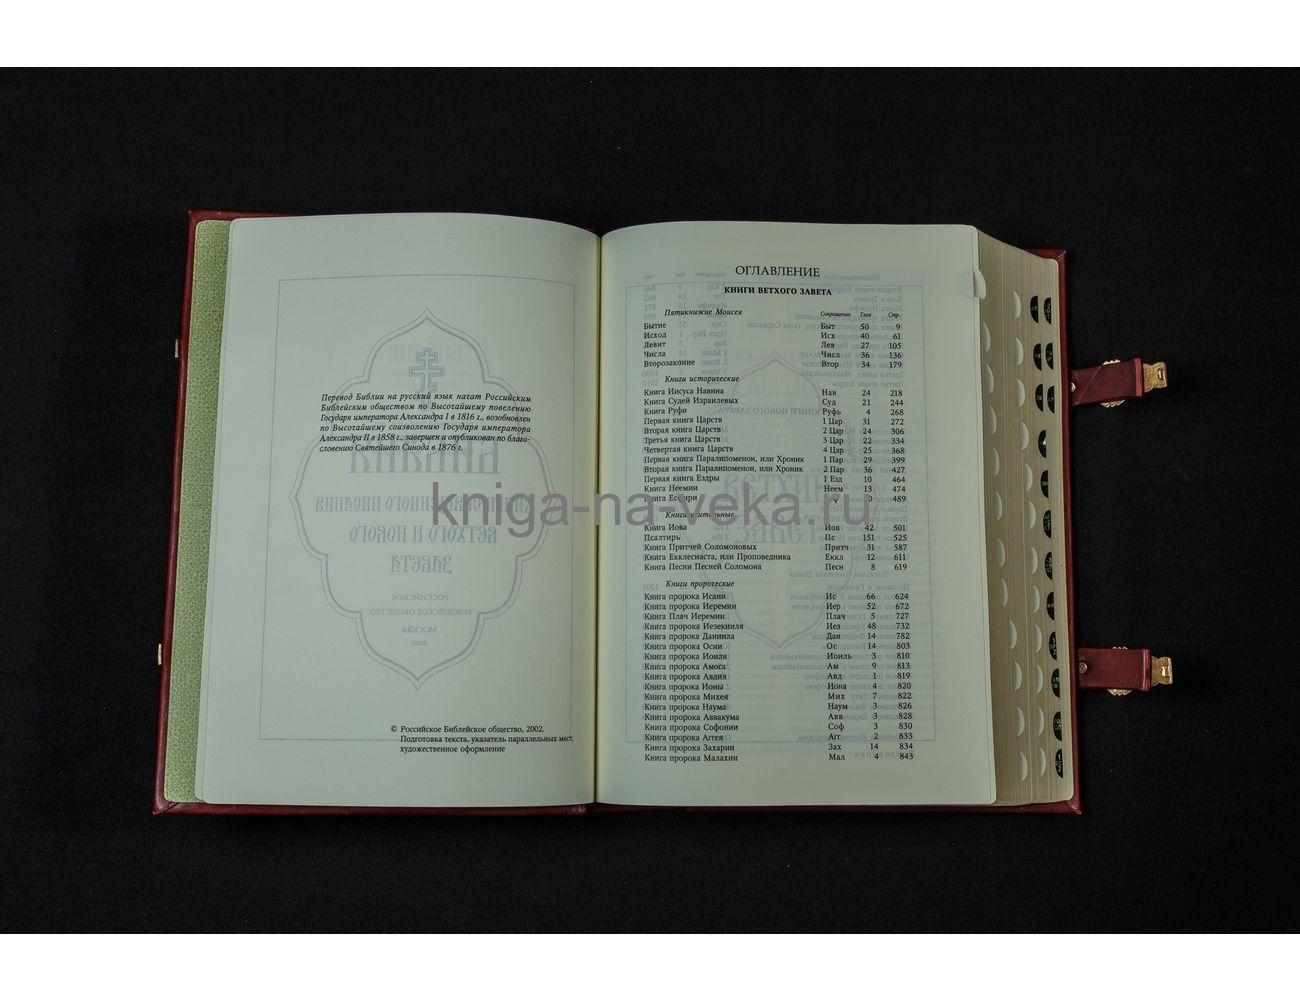 Книга «Библия с иллюстрациями Гюстава Доре» в кожаном переплёте с бронзовыми накладками